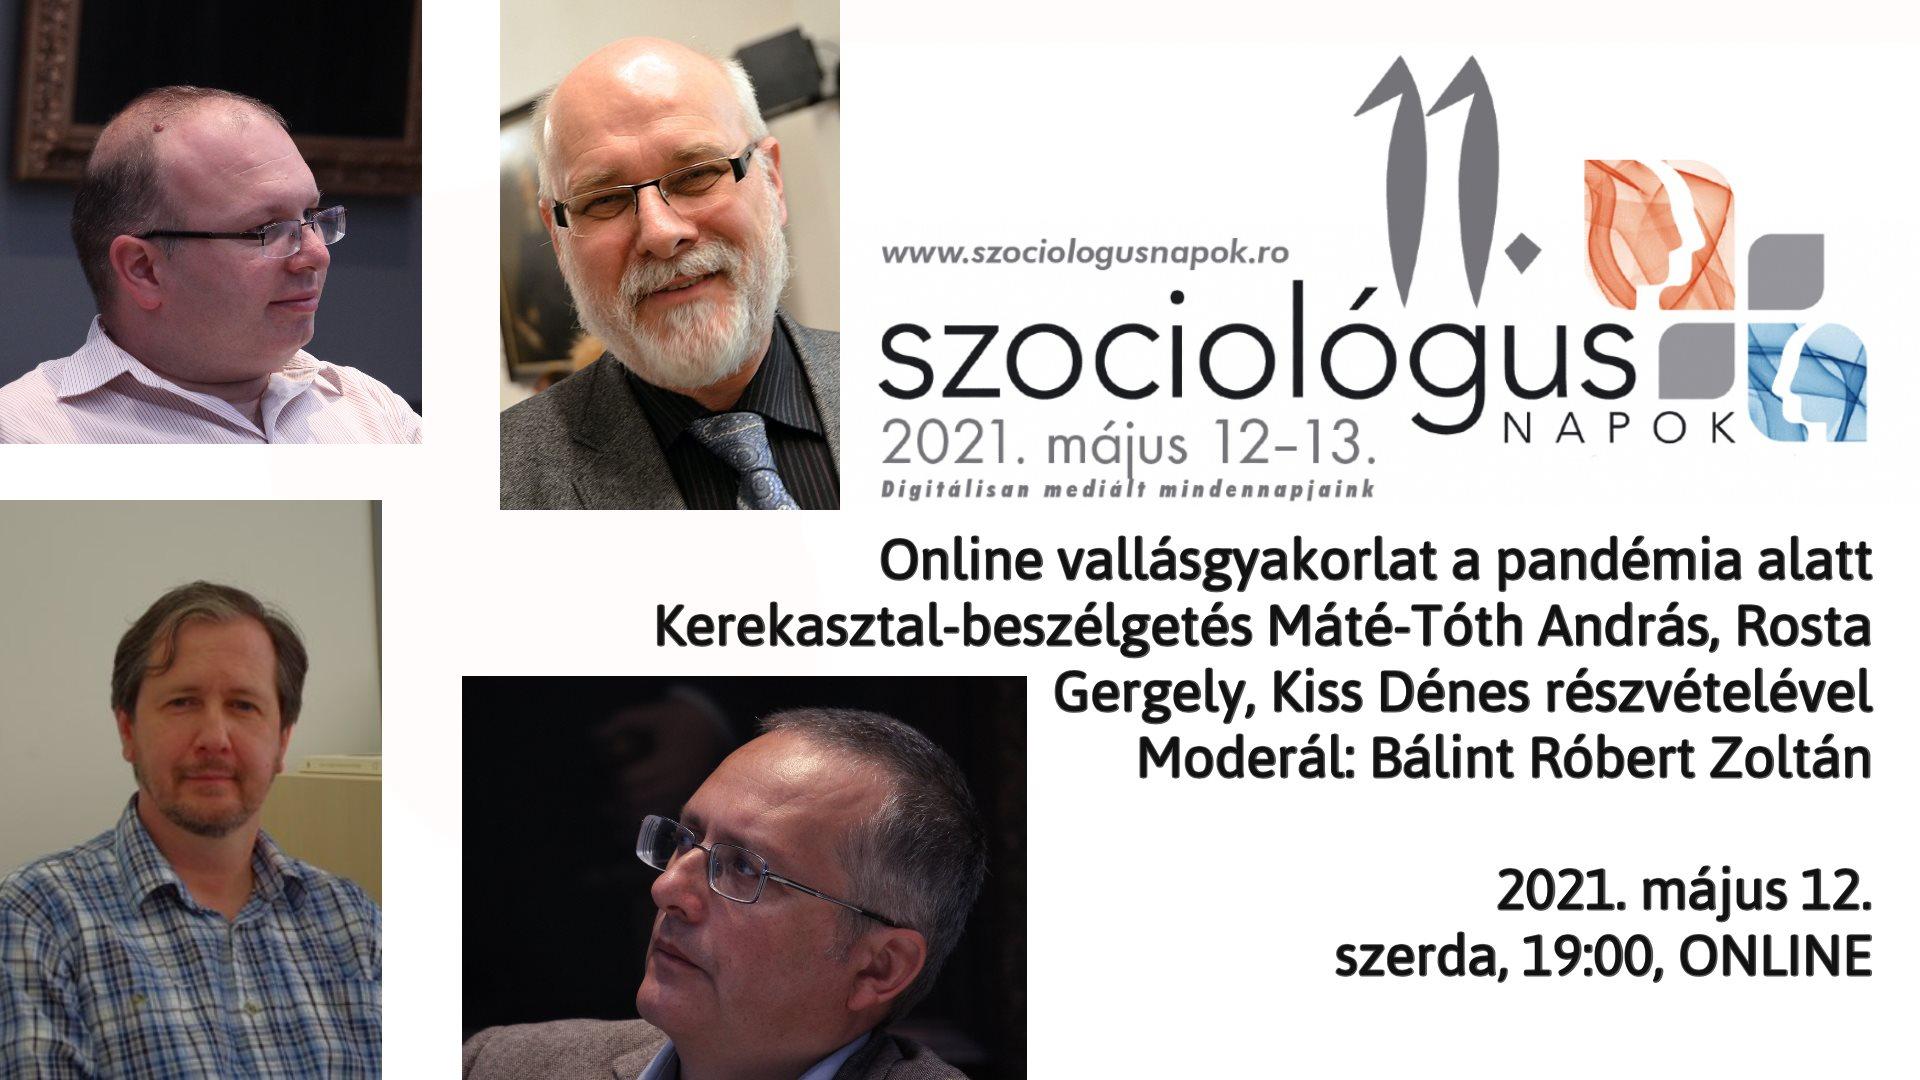 Online vallásgyakorlat a pandémia alatt – kerekasztal-beszélgetés